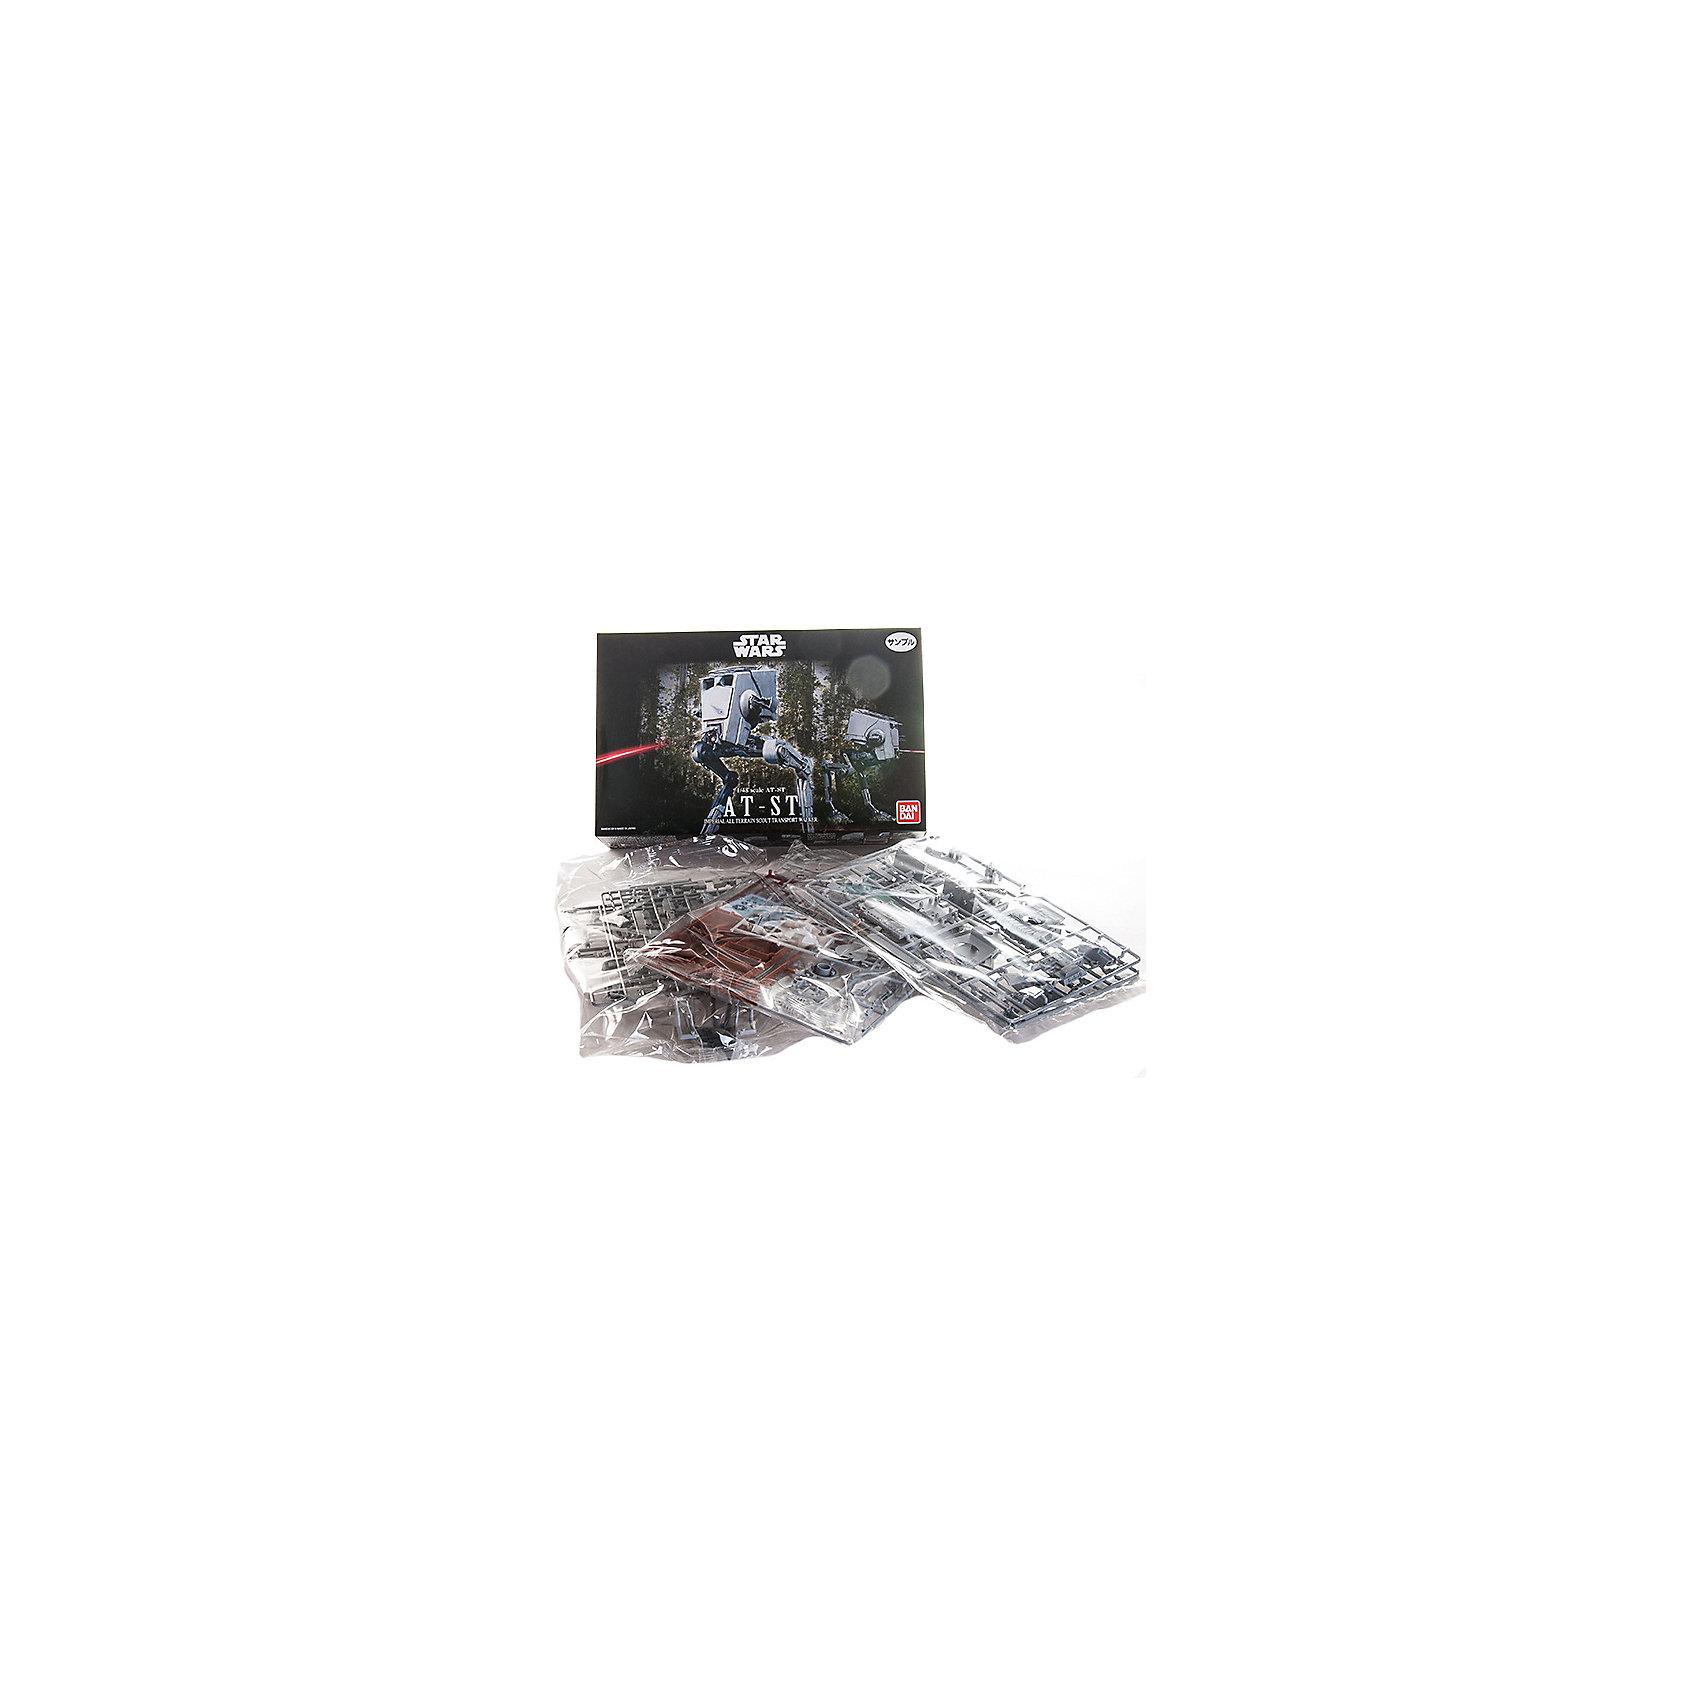 Сборная модель Шагоход AT-ST 1/48, Звездные ВойныСборные модели транспорта<br>Этот набор приведет в восторг все поклонников легендарной саги Star Wars. Красочная коробка содержит комплект деталей для сборки коллекционной стендовой модели фантастически странного культового Имперского Разведывательного транспортёра из V-го эпизода киносаги «Звёздные Войны». Детали для сборки изготовлены из качественного пластика серого цвета и имеют превосходную детализацию. Вся продукция фирмы Bandai лицензирована фирмами правообладателями, что гарантирует её высокое качество и безопасность для здоровья.<br>Конструирование - интереснейший процесс, позволяющий развить у ребенка мелкую моторику, логическое мышление, внимание, умение работать по инструкции.<br><br>Дополнительная информация:<br><br>- Масштаб: 1:48.<br>- Материал: пластик.<br>- Размер упаковки: 30х20 см.<br>- Размер корабля: 18,2 см.<br><br>Сборную модель Шагоход AT-ST 1/48, Звездные Войны (Star Wars), можно купить в нашем магазине.<br><br>Ширина мм: 300<br>Глубина мм: 190<br>Высота мм: 65<br>Вес г: 406<br>Возраст от месяцев: 72<br>Возраст до месяцев: 192<br>Пол: Мужской<br>Возраст: Детский<br>SKU: 4422658